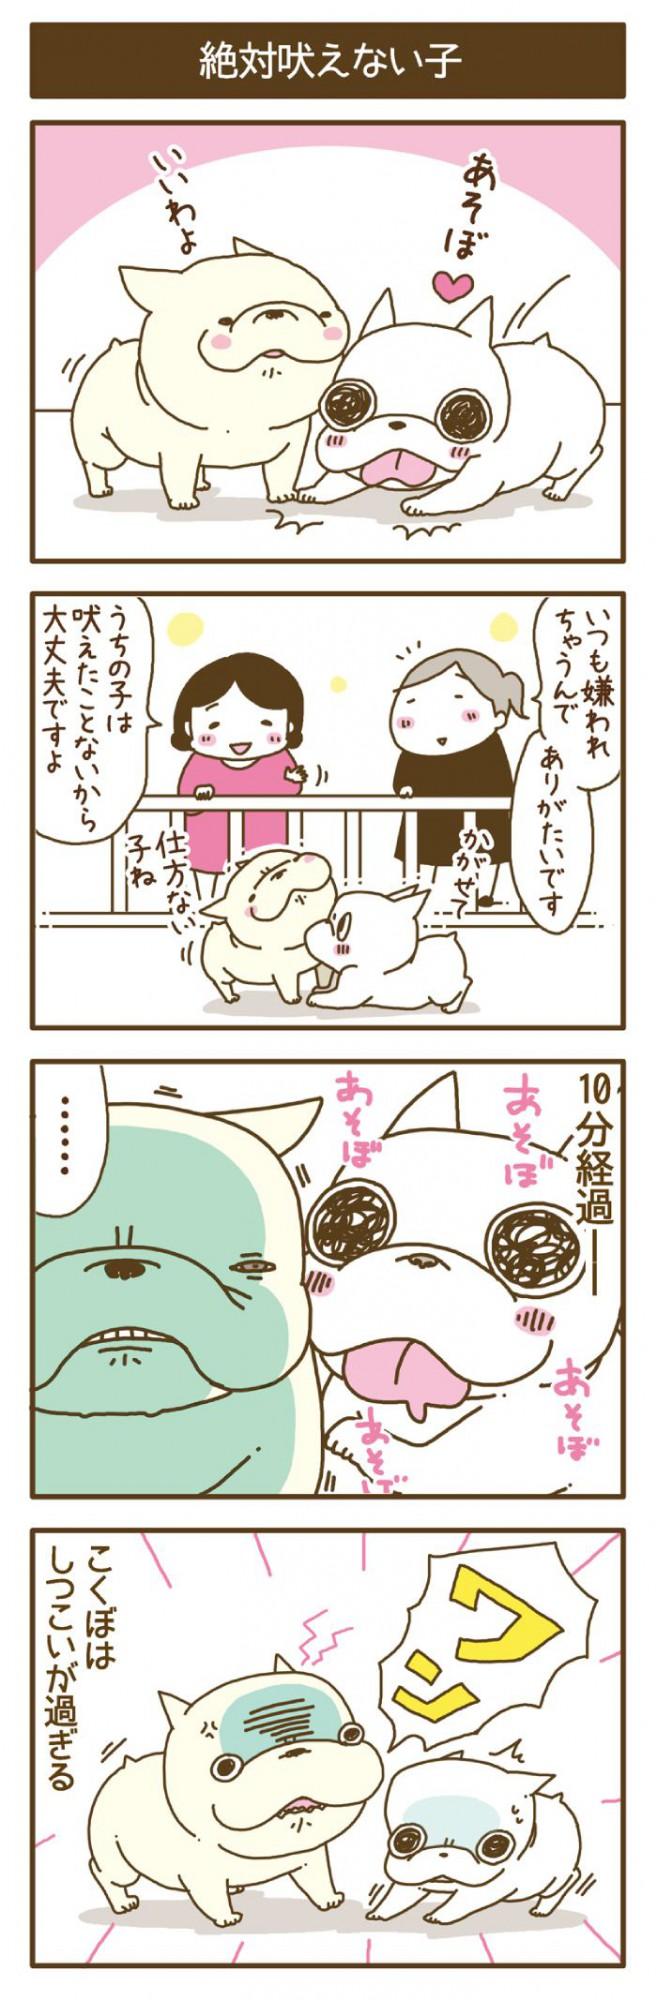 フレブルこくぼとゆかいな下僕たち【第52話】